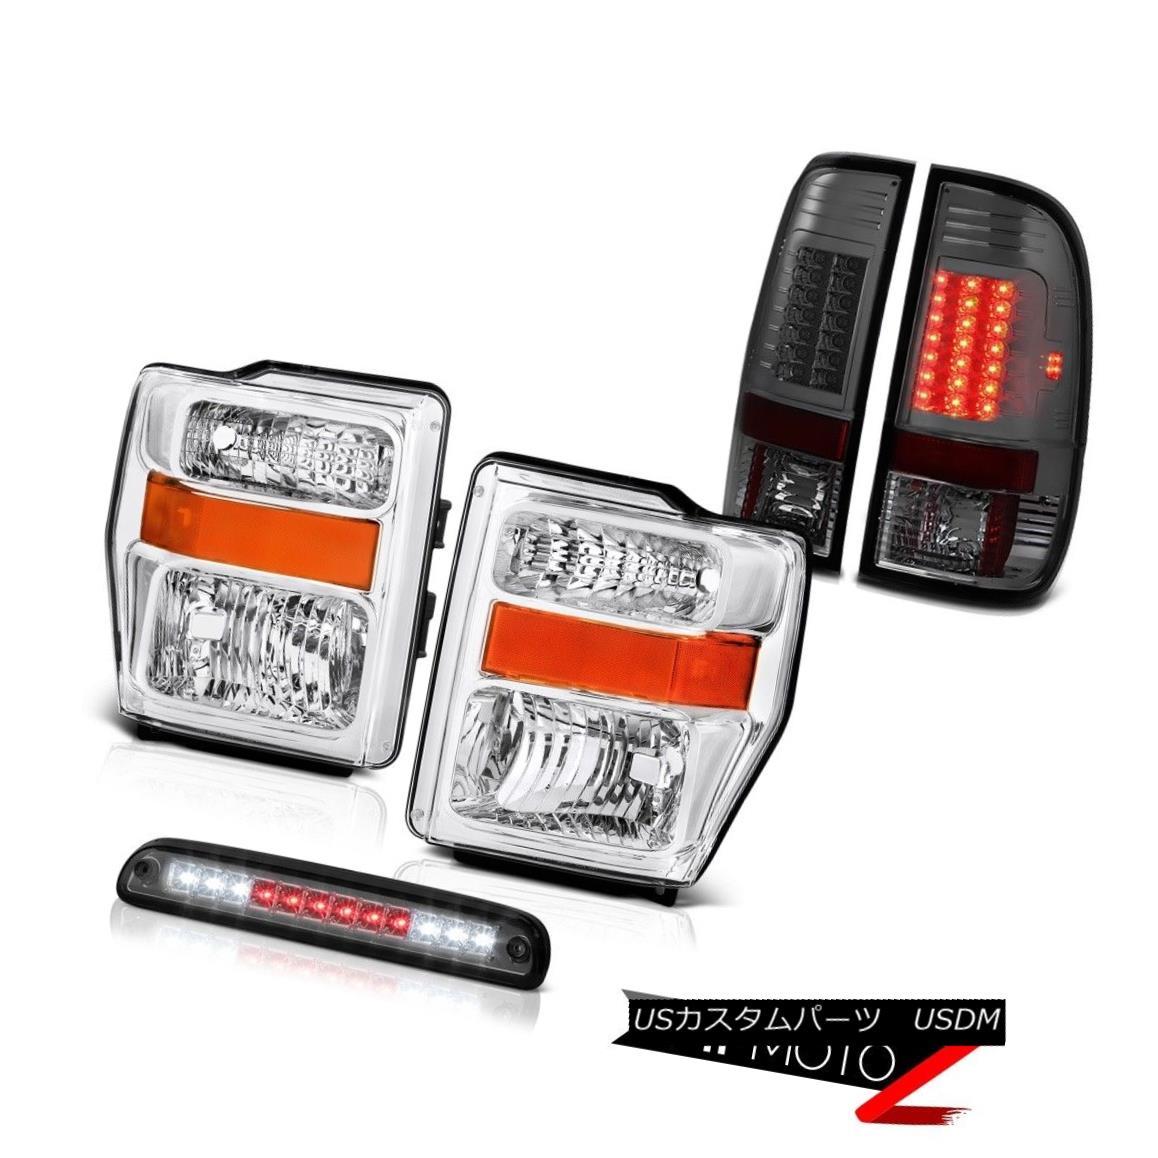 ヘッドライト Left Right Chrome Headlamp Roof Stop LED Tinted Smoke Taillights 08-10 F350 5.4L 左の右のクロームヘッドランプ屋根のストップLEDは、煙の尾灯を着色08-10 F350 5.4L